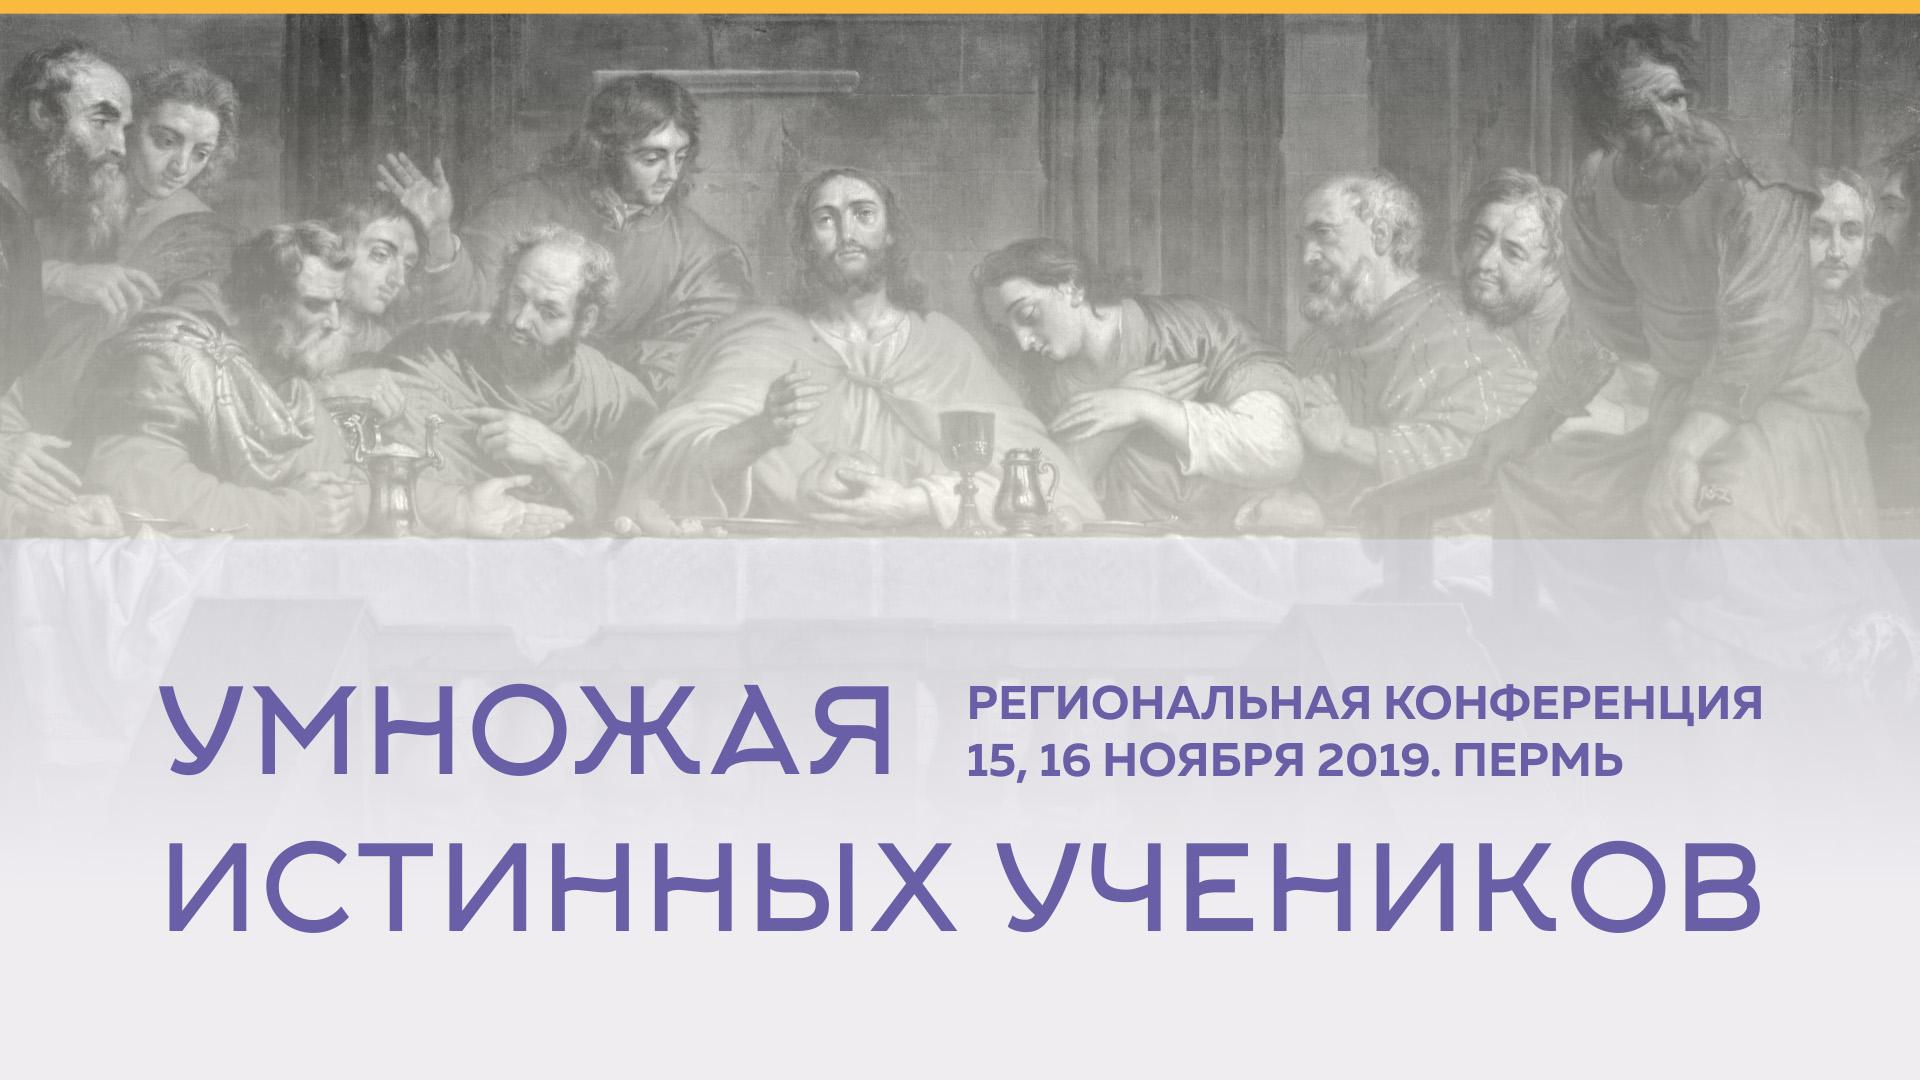 В Перми пройдет региональная конференция ученичества «Умножая истинных учеников»